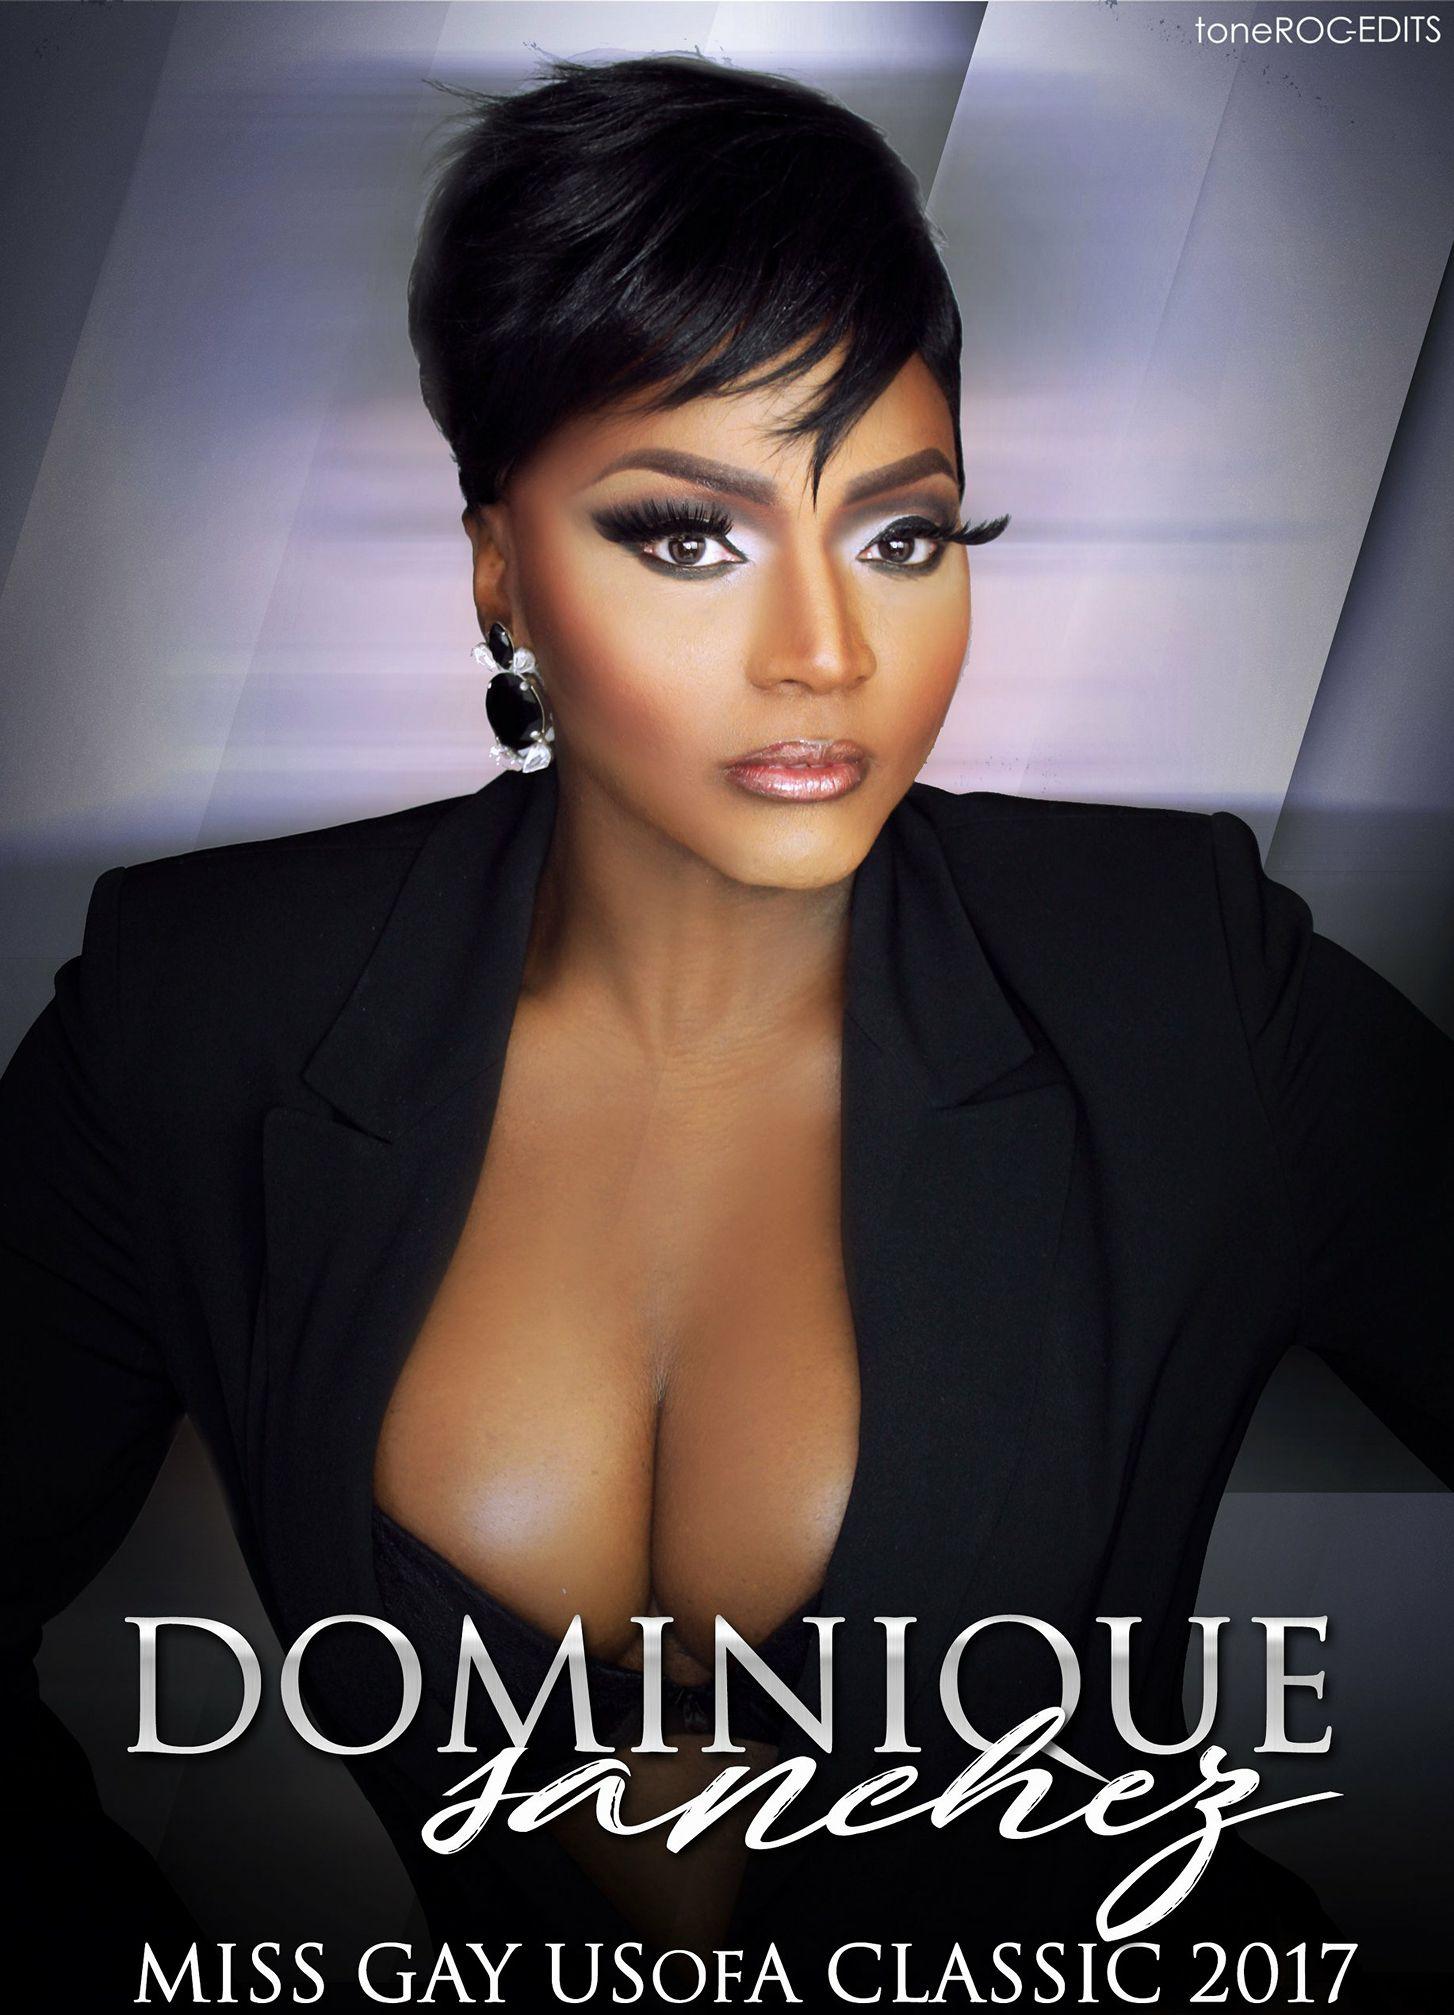 Dominique Sanchez - Photo by Tone Roc Edits